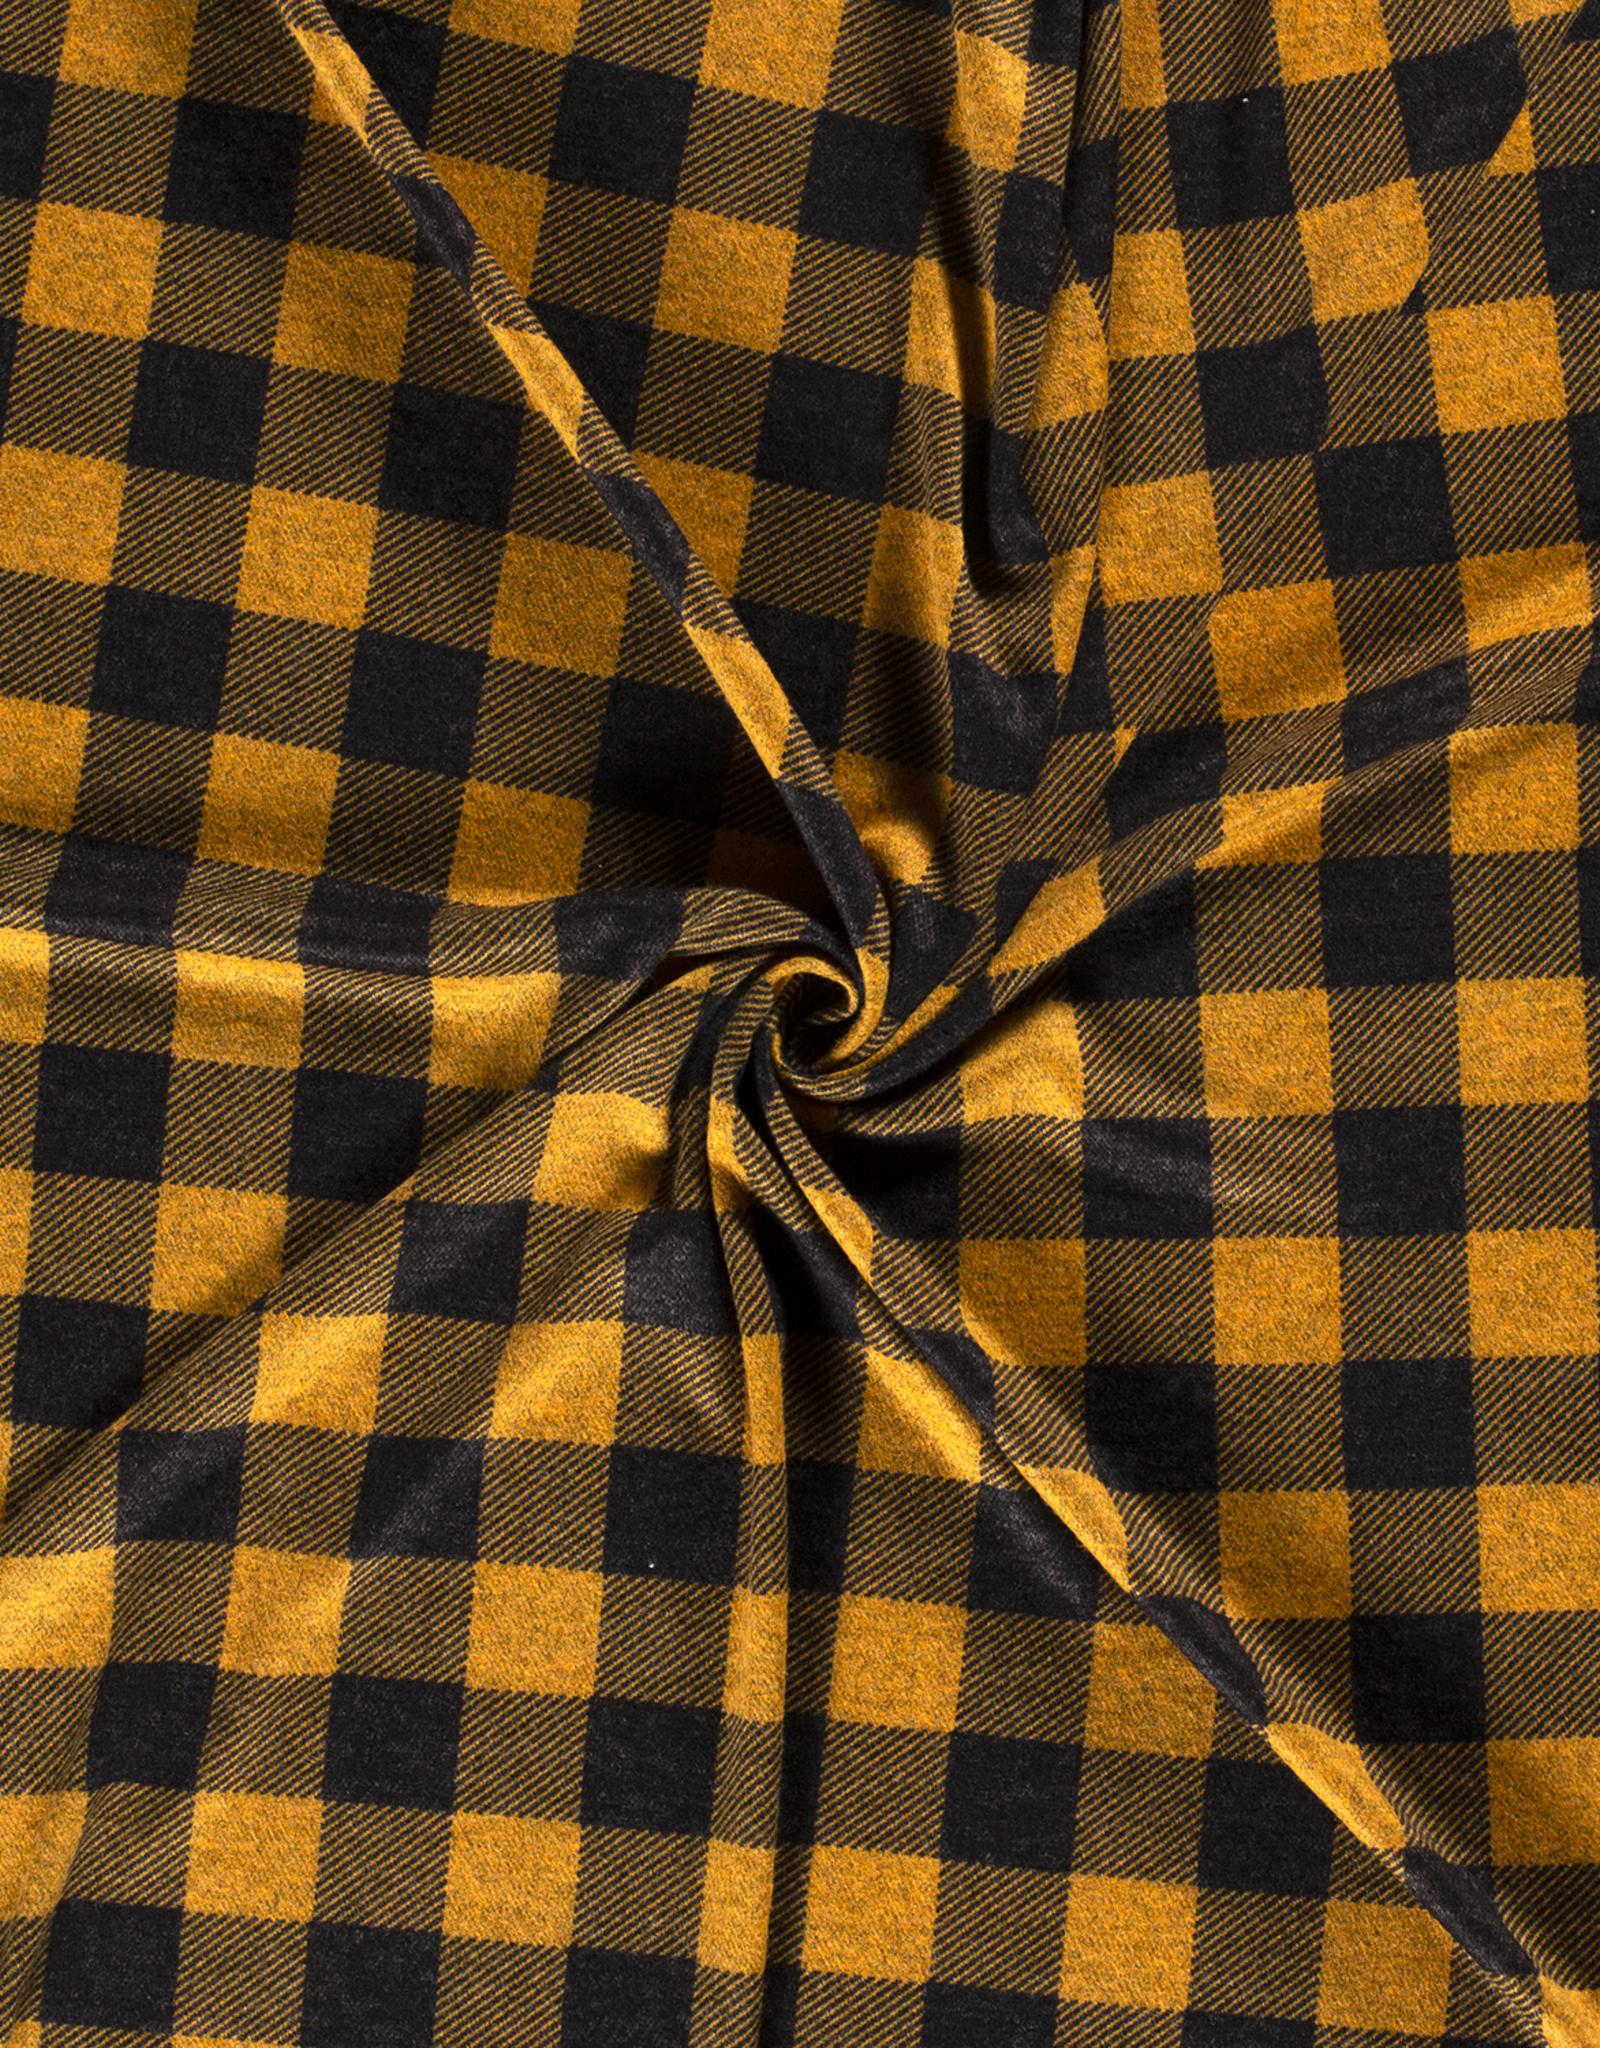 Knitted - Tartan Ochre/Black